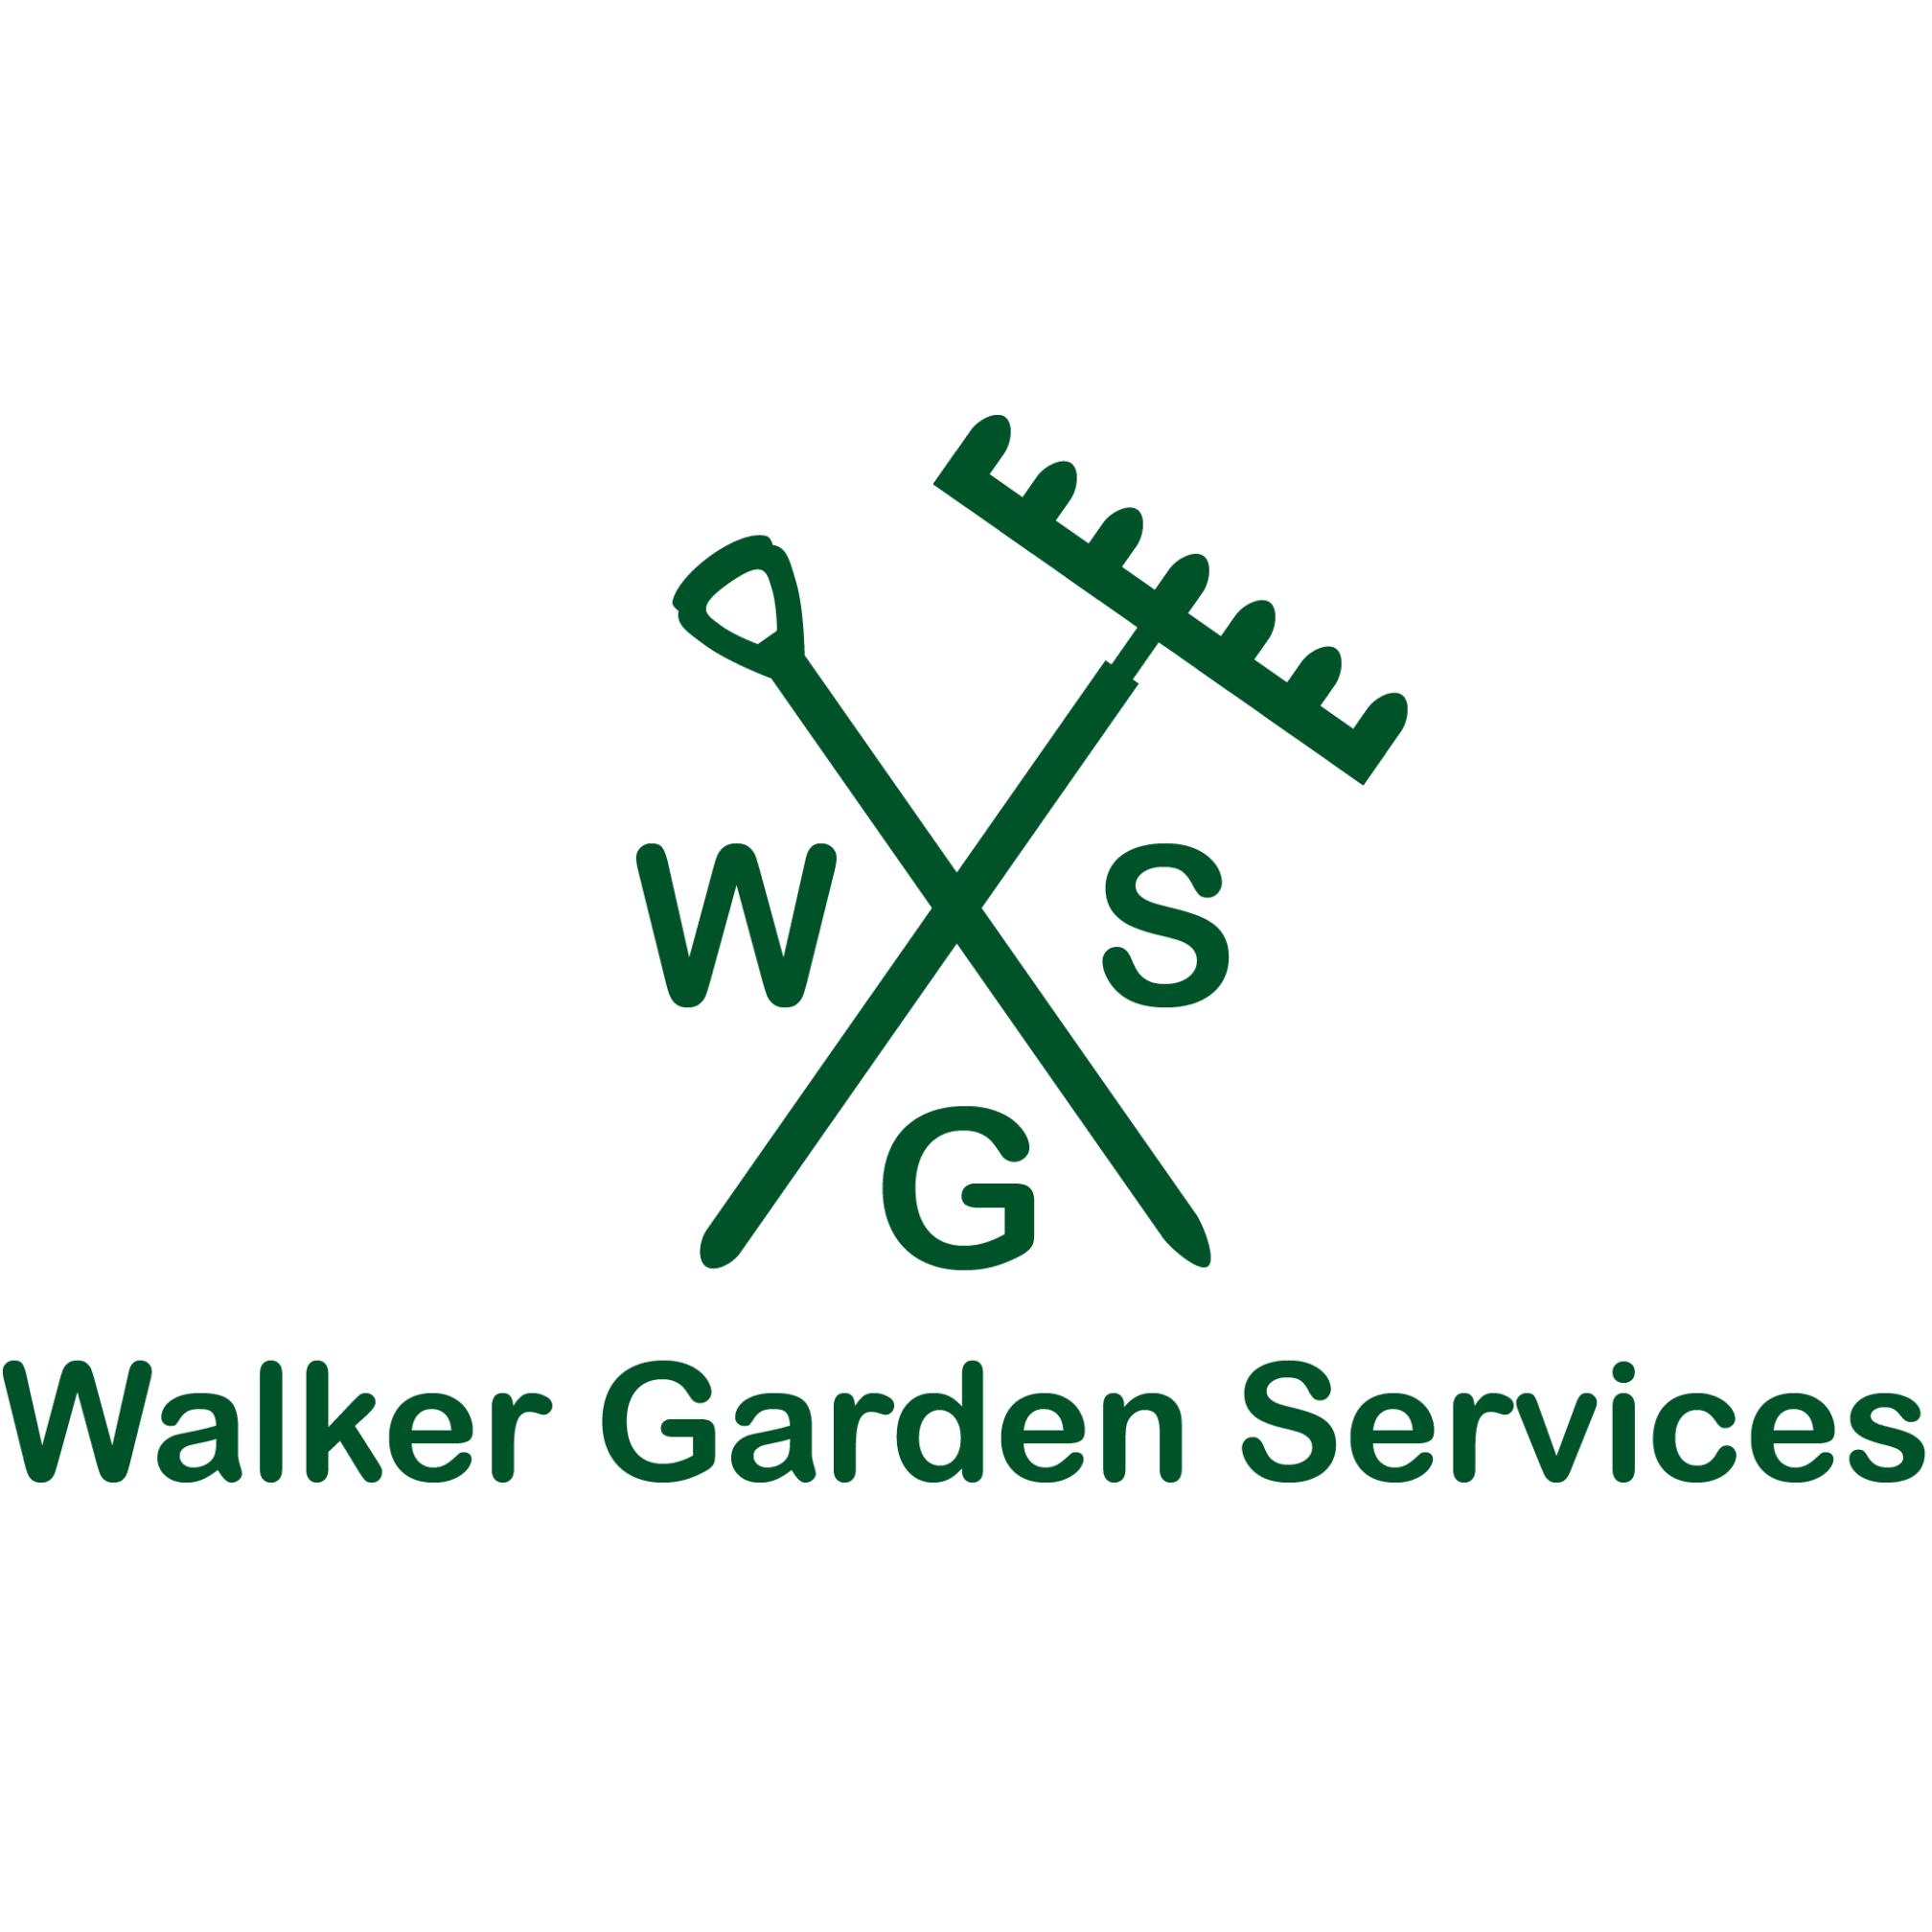 Walker Garden Services